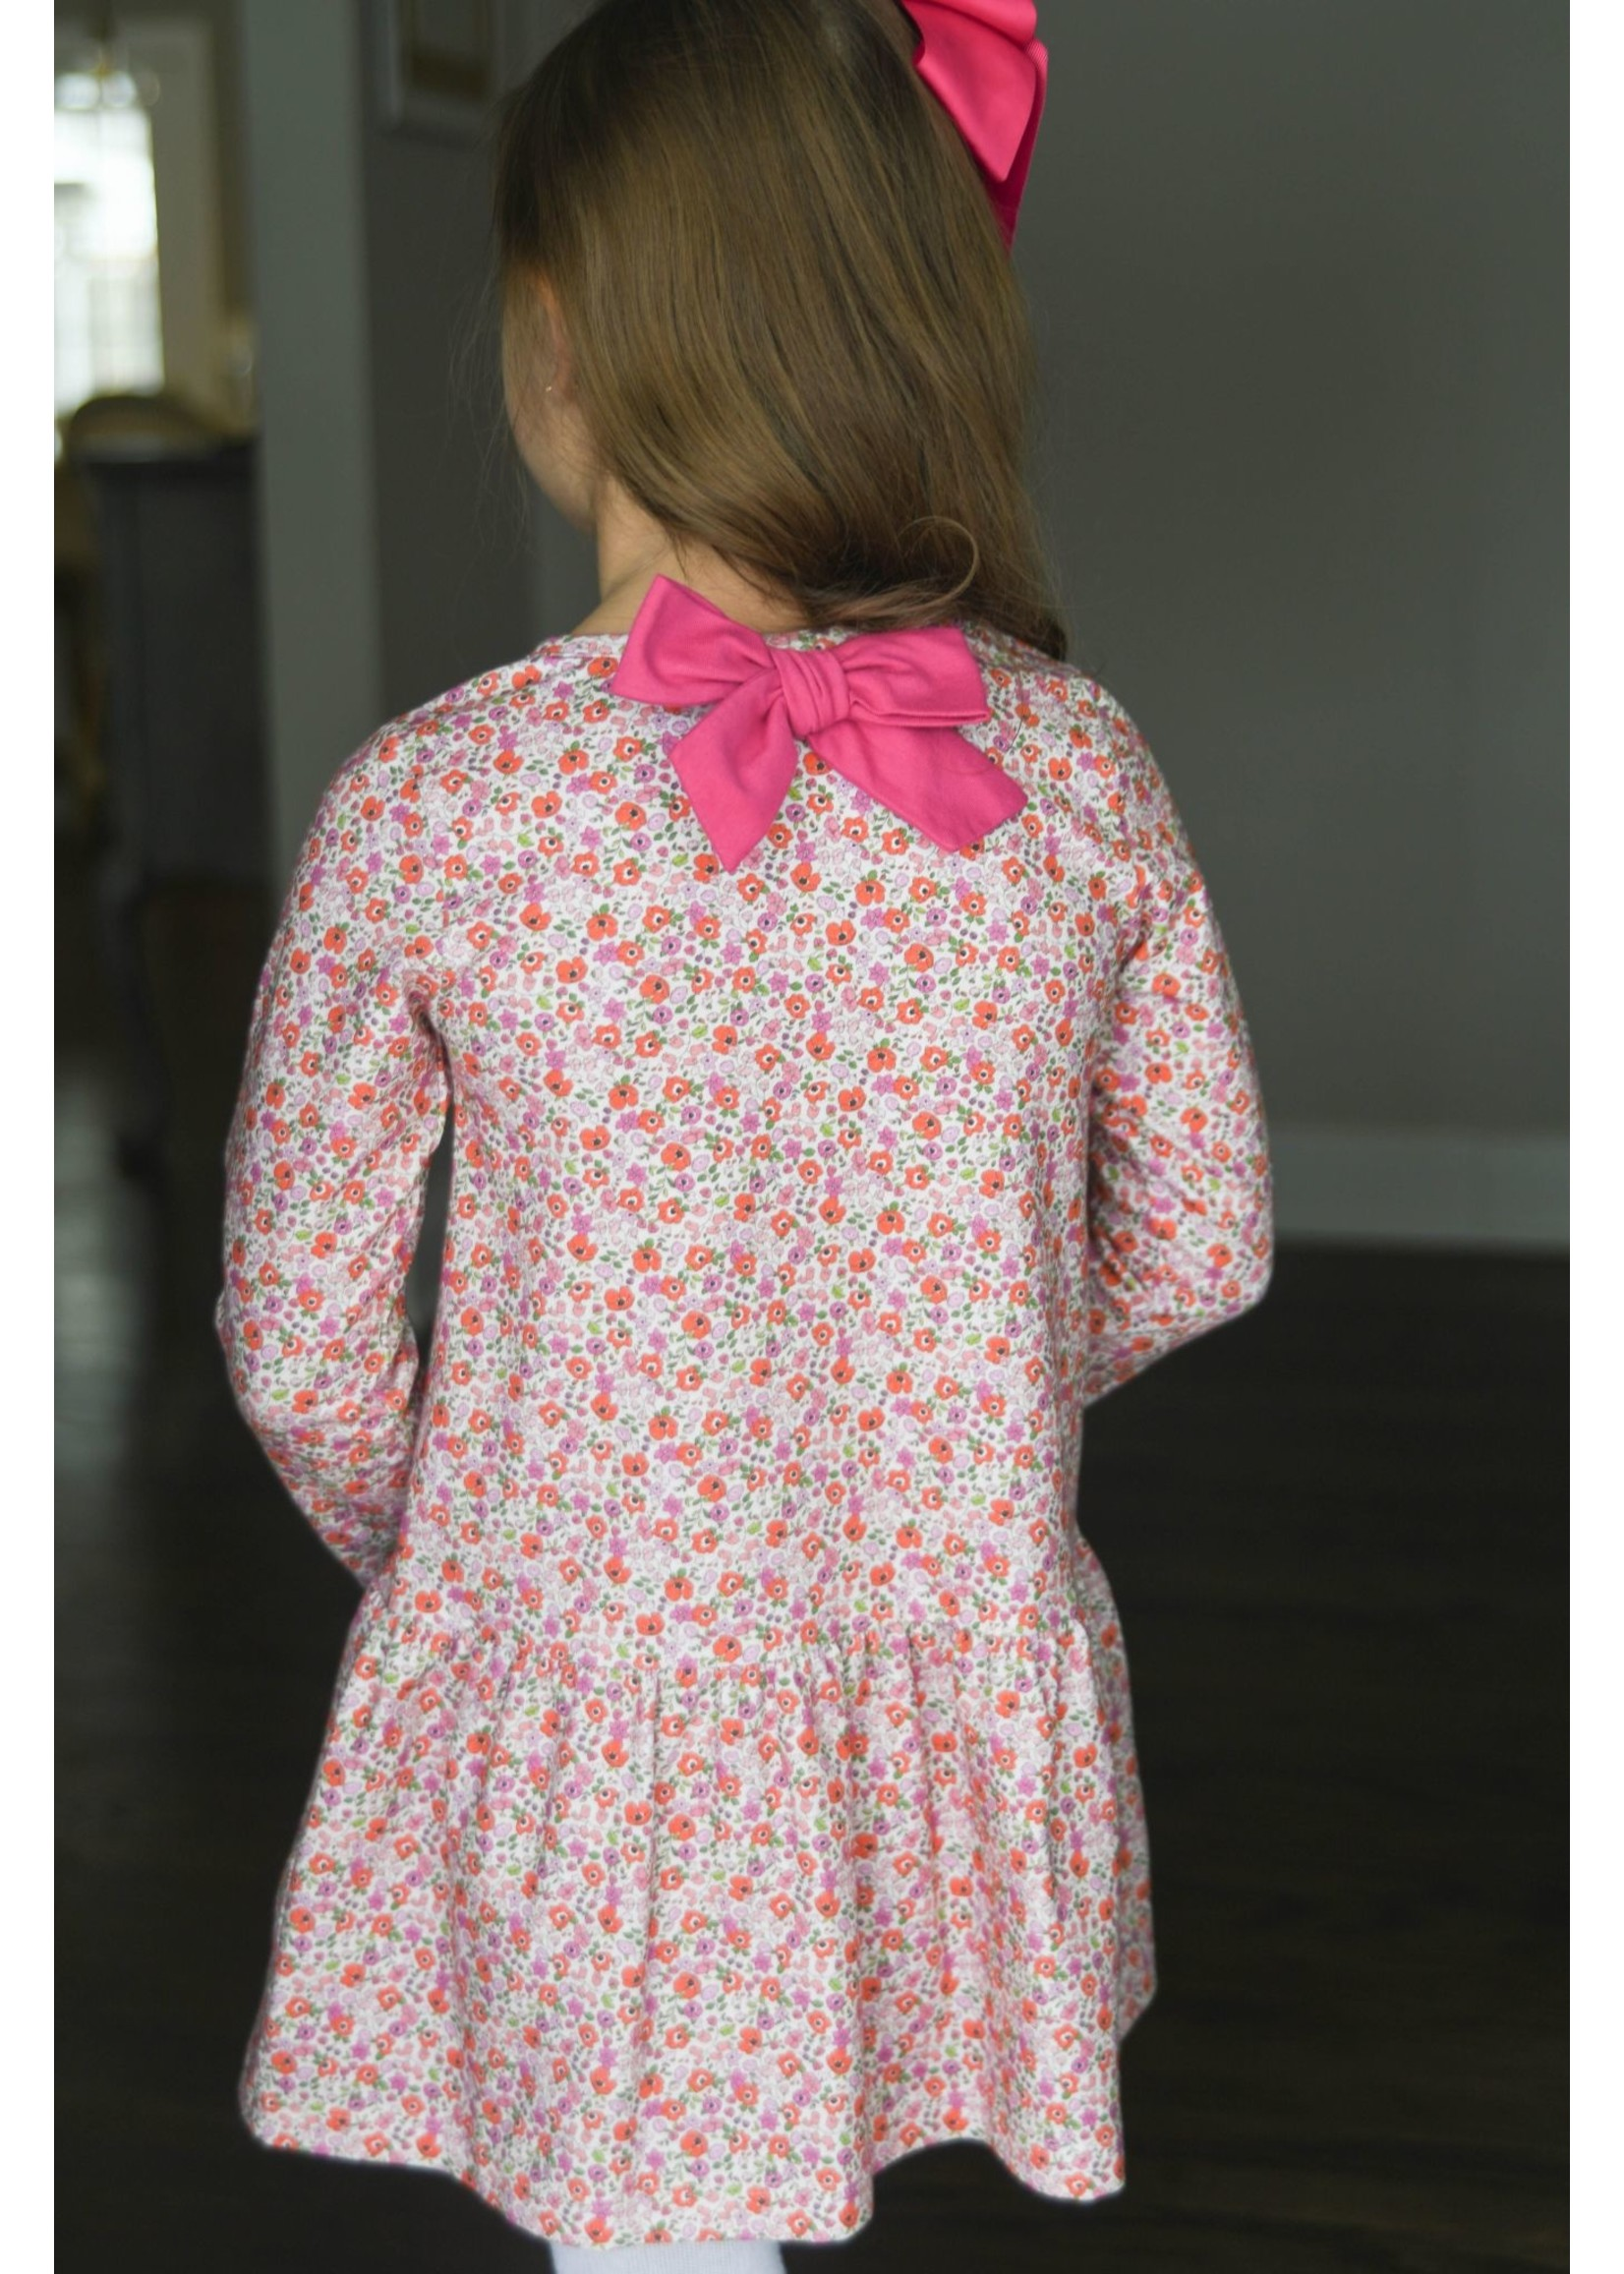 james and lottie Floral Knit Loren Dress